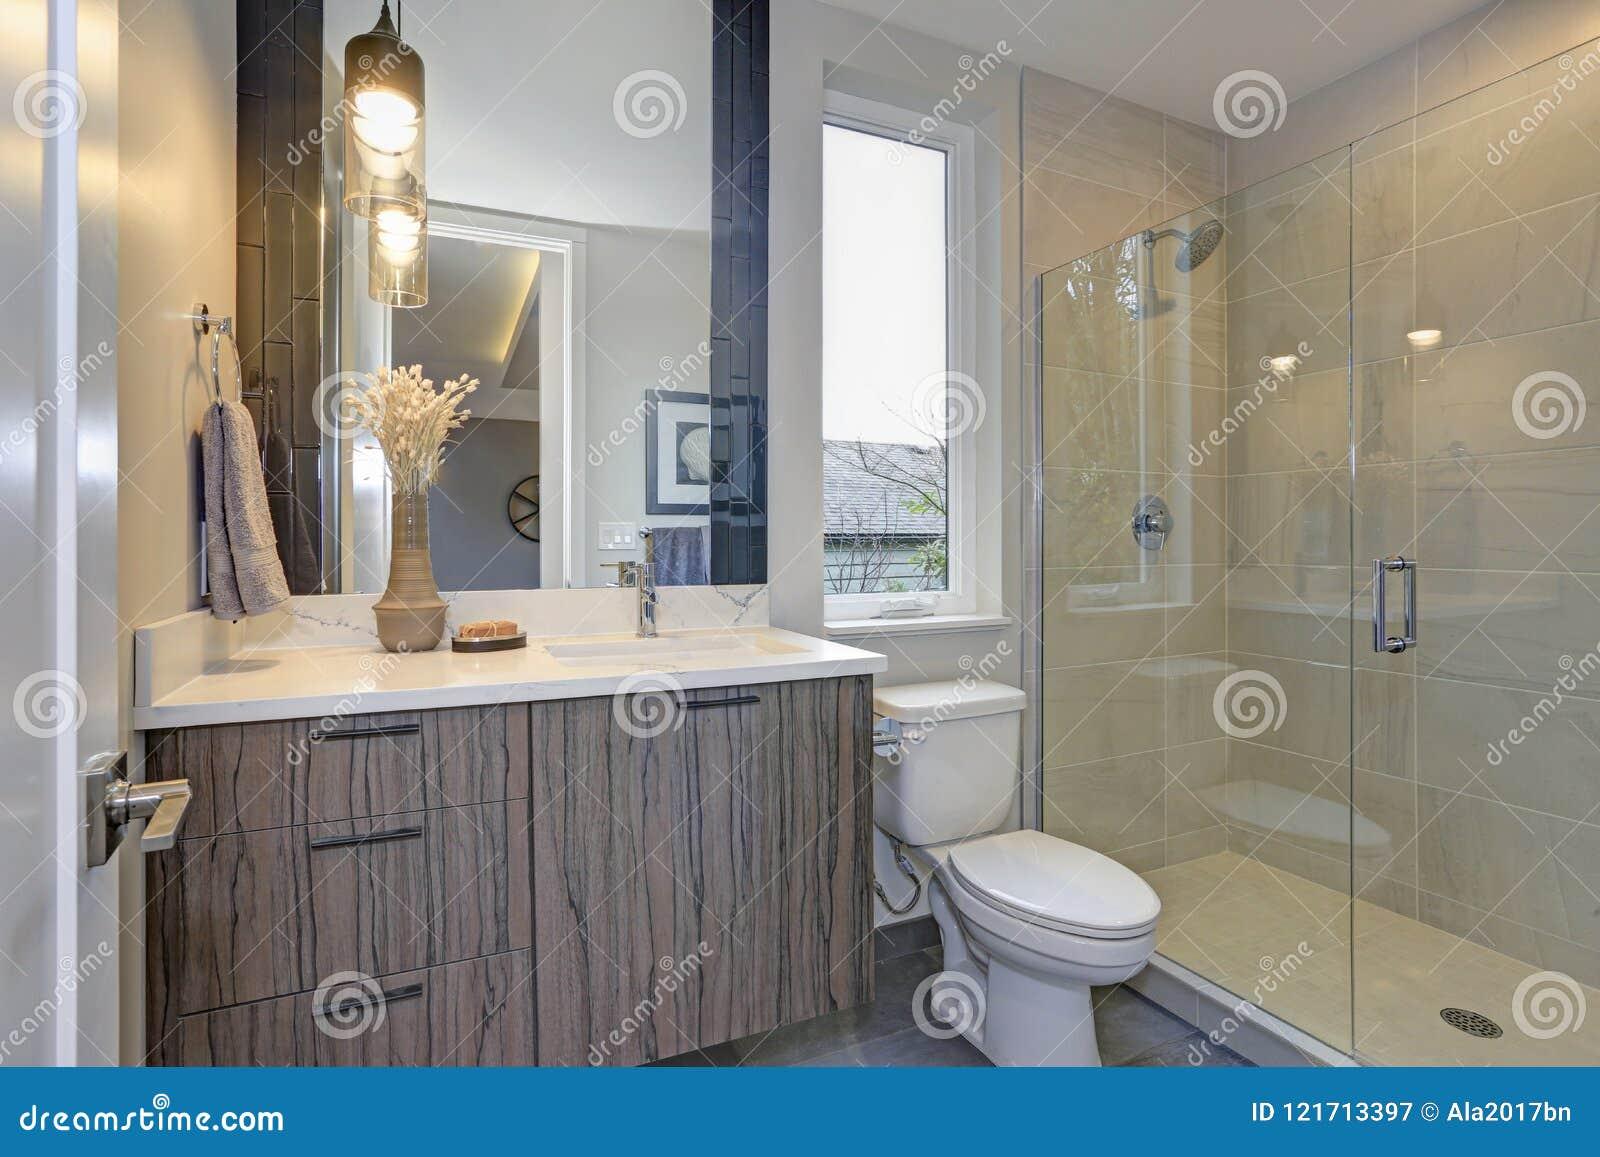 Nowa luksusowa łazienka w popielatych brzmieniach